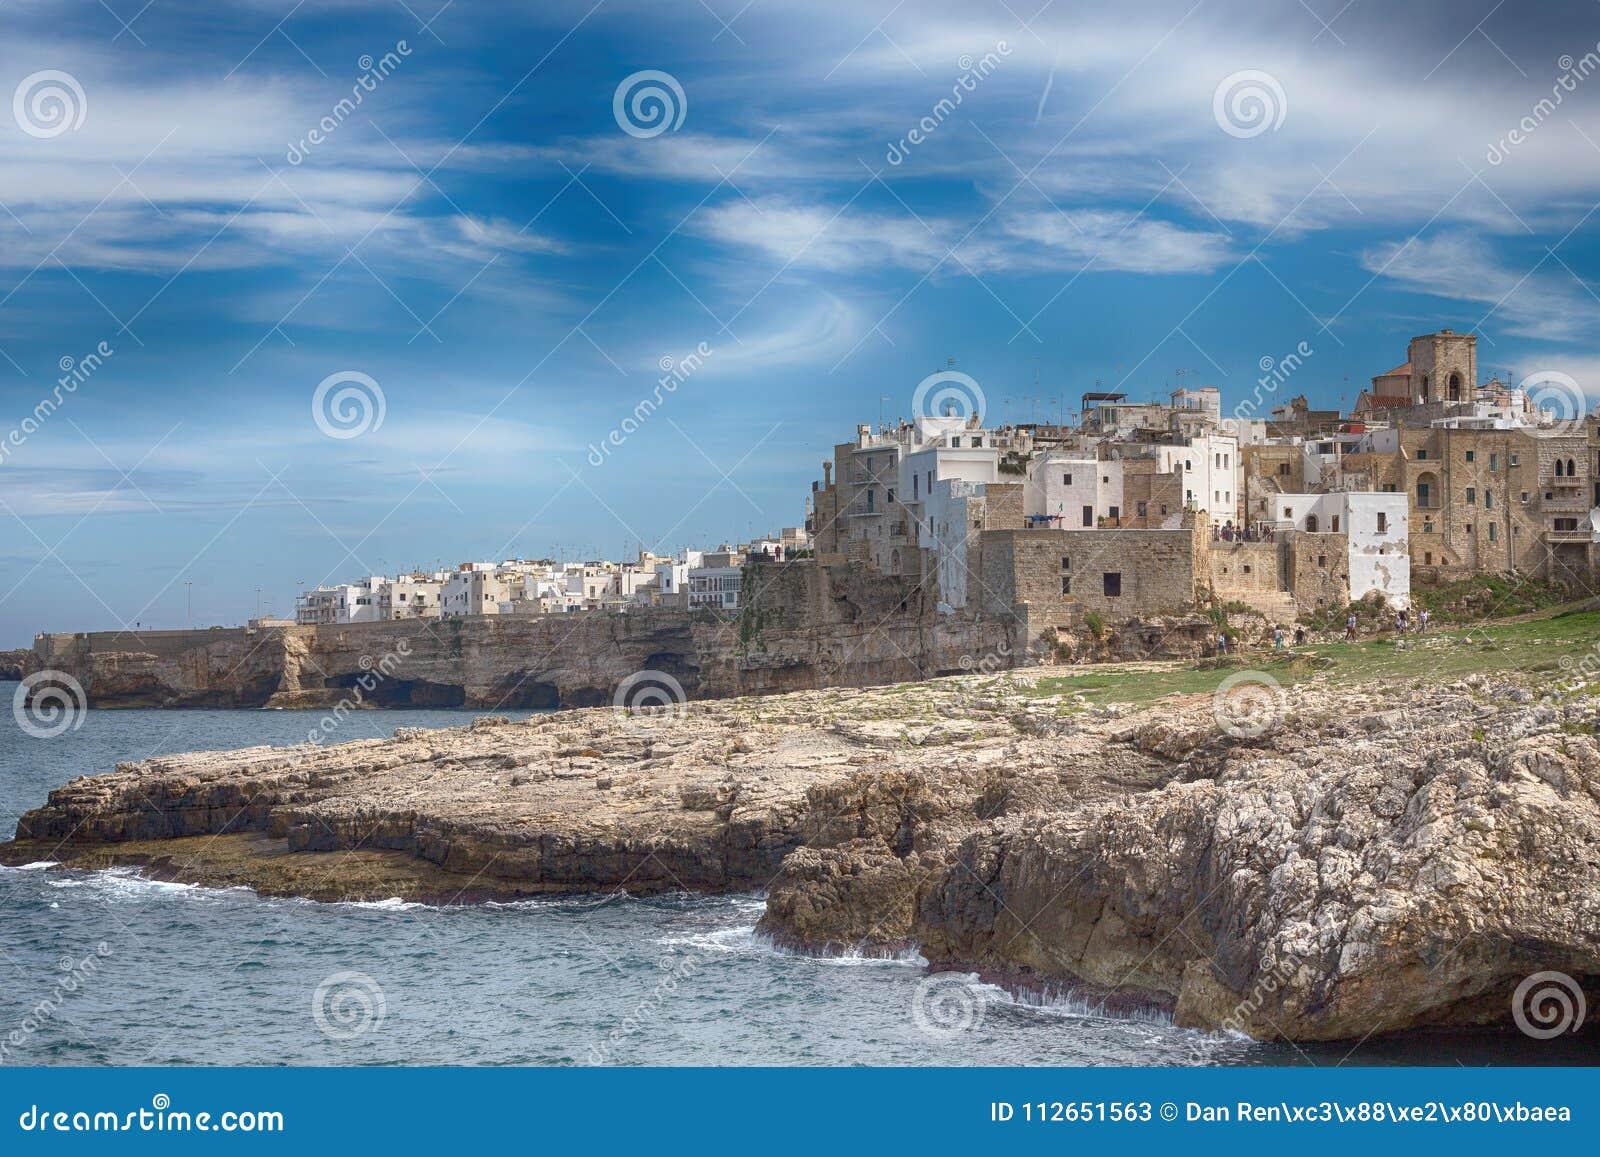 Polignano een Merrie, in Apulia, Italië Bari Province, zuidelijk Italië ADRIATISCHE OVERZEES